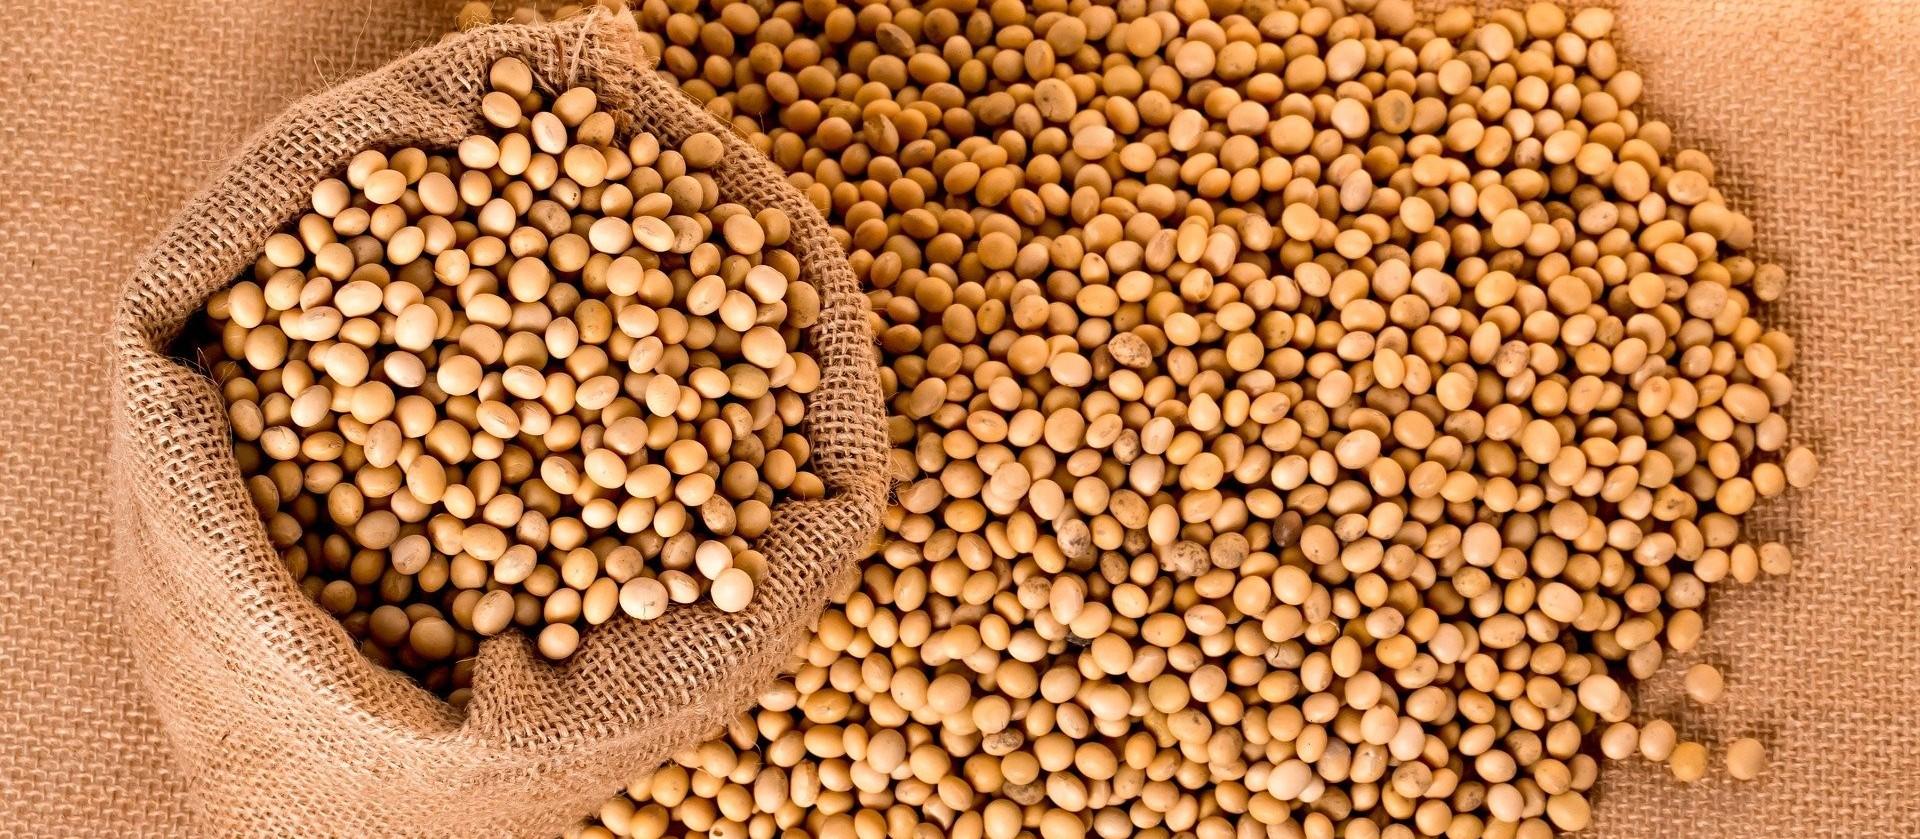 Comercialização de soja na safra 2019/20 do Brasil avança para 87,5%